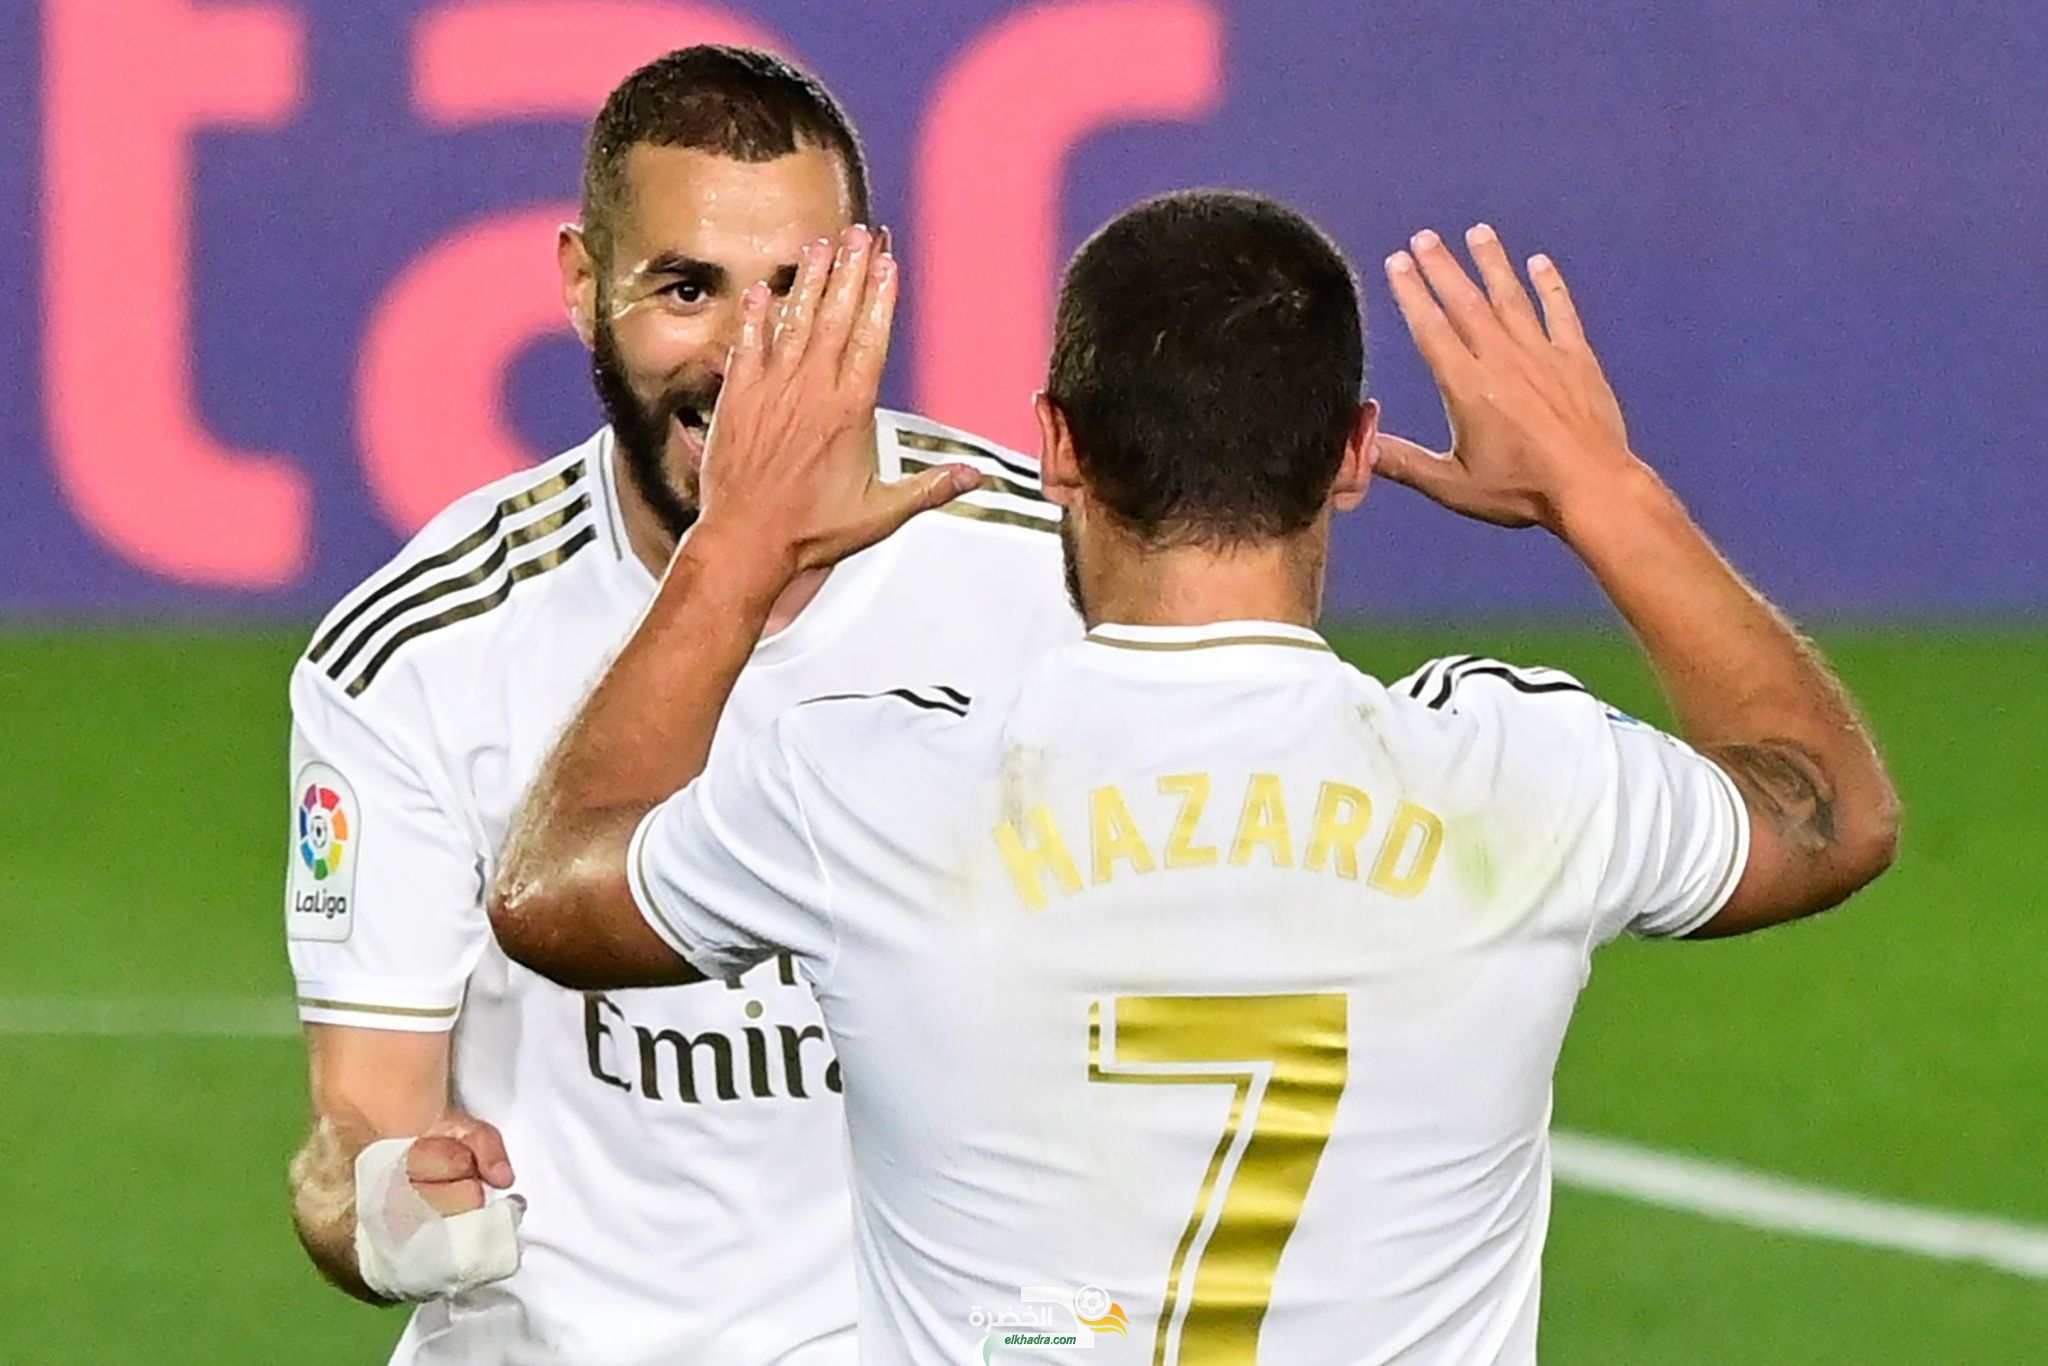 مباراة ريال مدريد وليفربول على ملعب ألفريدو دي سيتفانو بمدريد 23